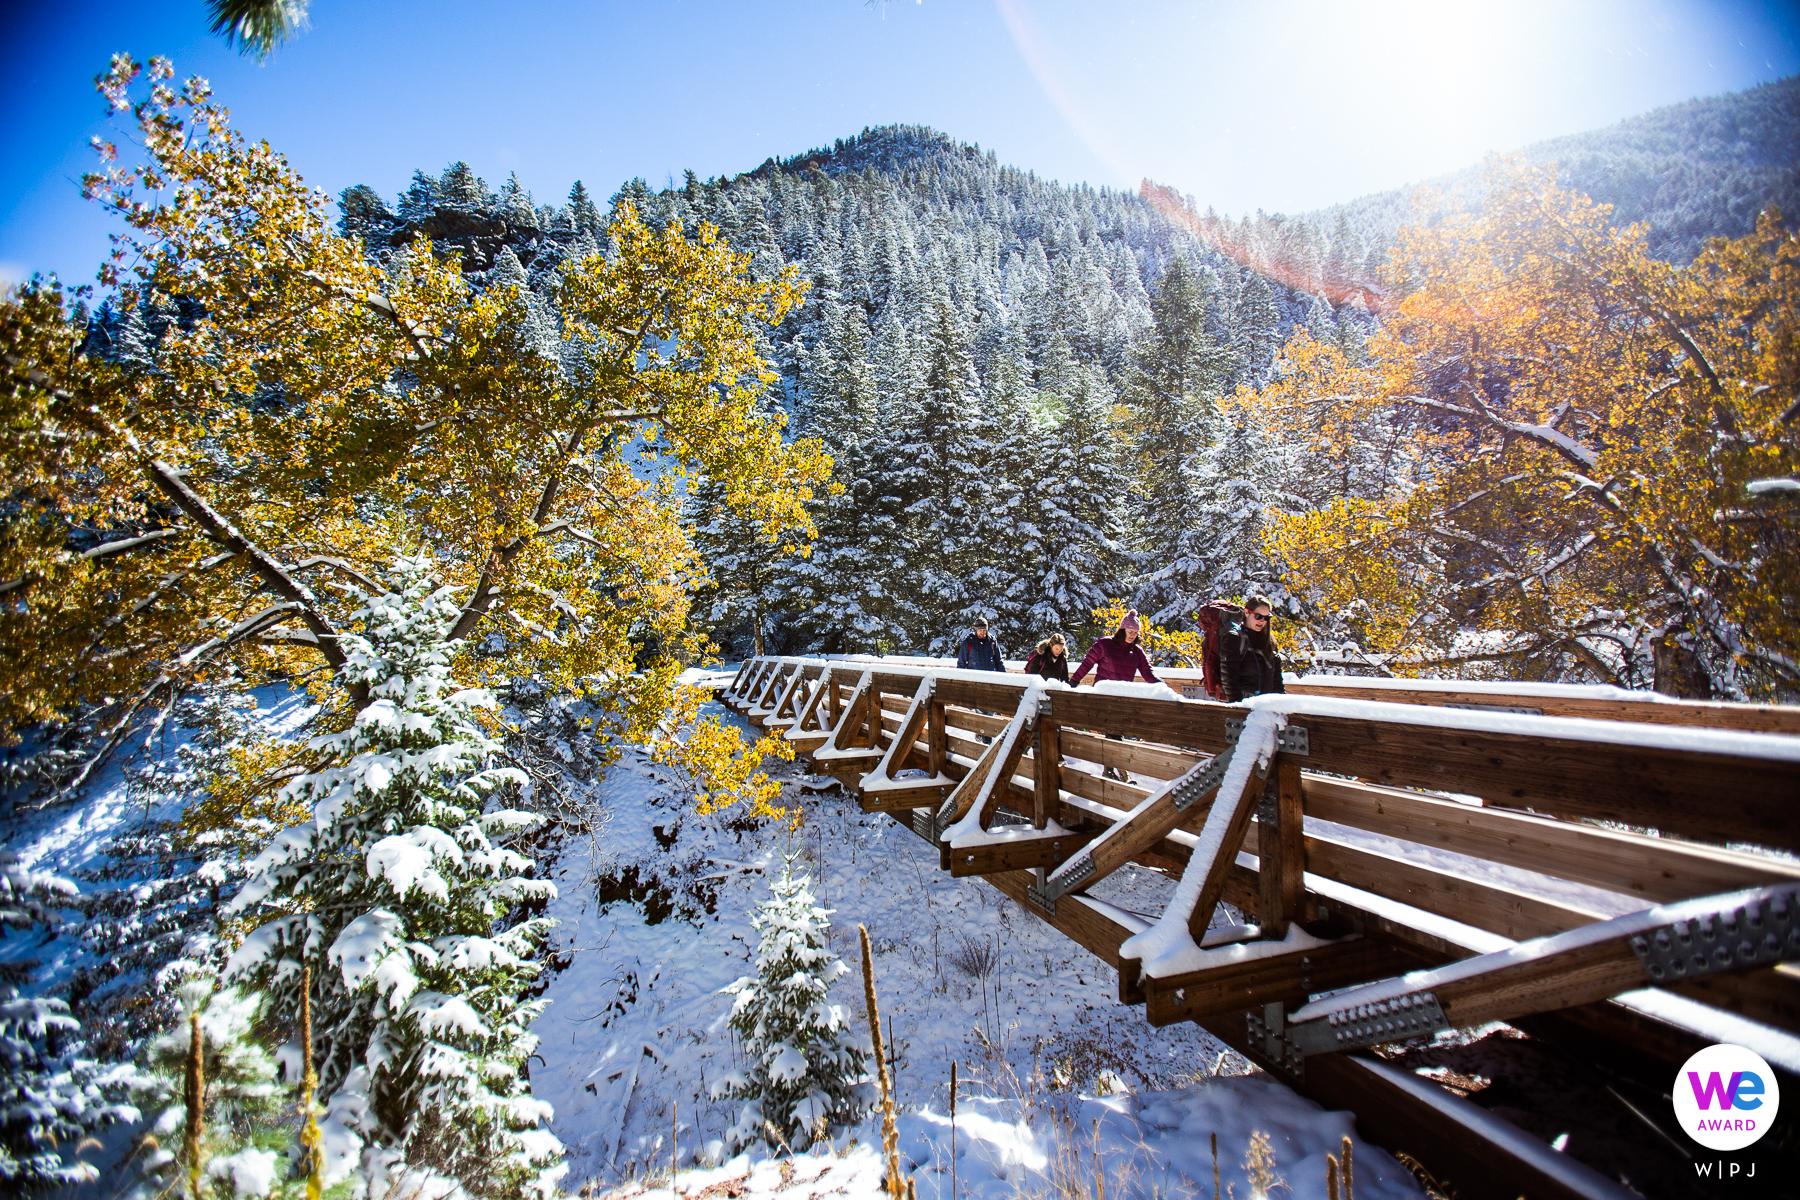 Eldorado Canyon, Colorado Elopement Photography | La sposa di essere conduce un piccolo gruppo di amici fino alla cima della divisione continentale